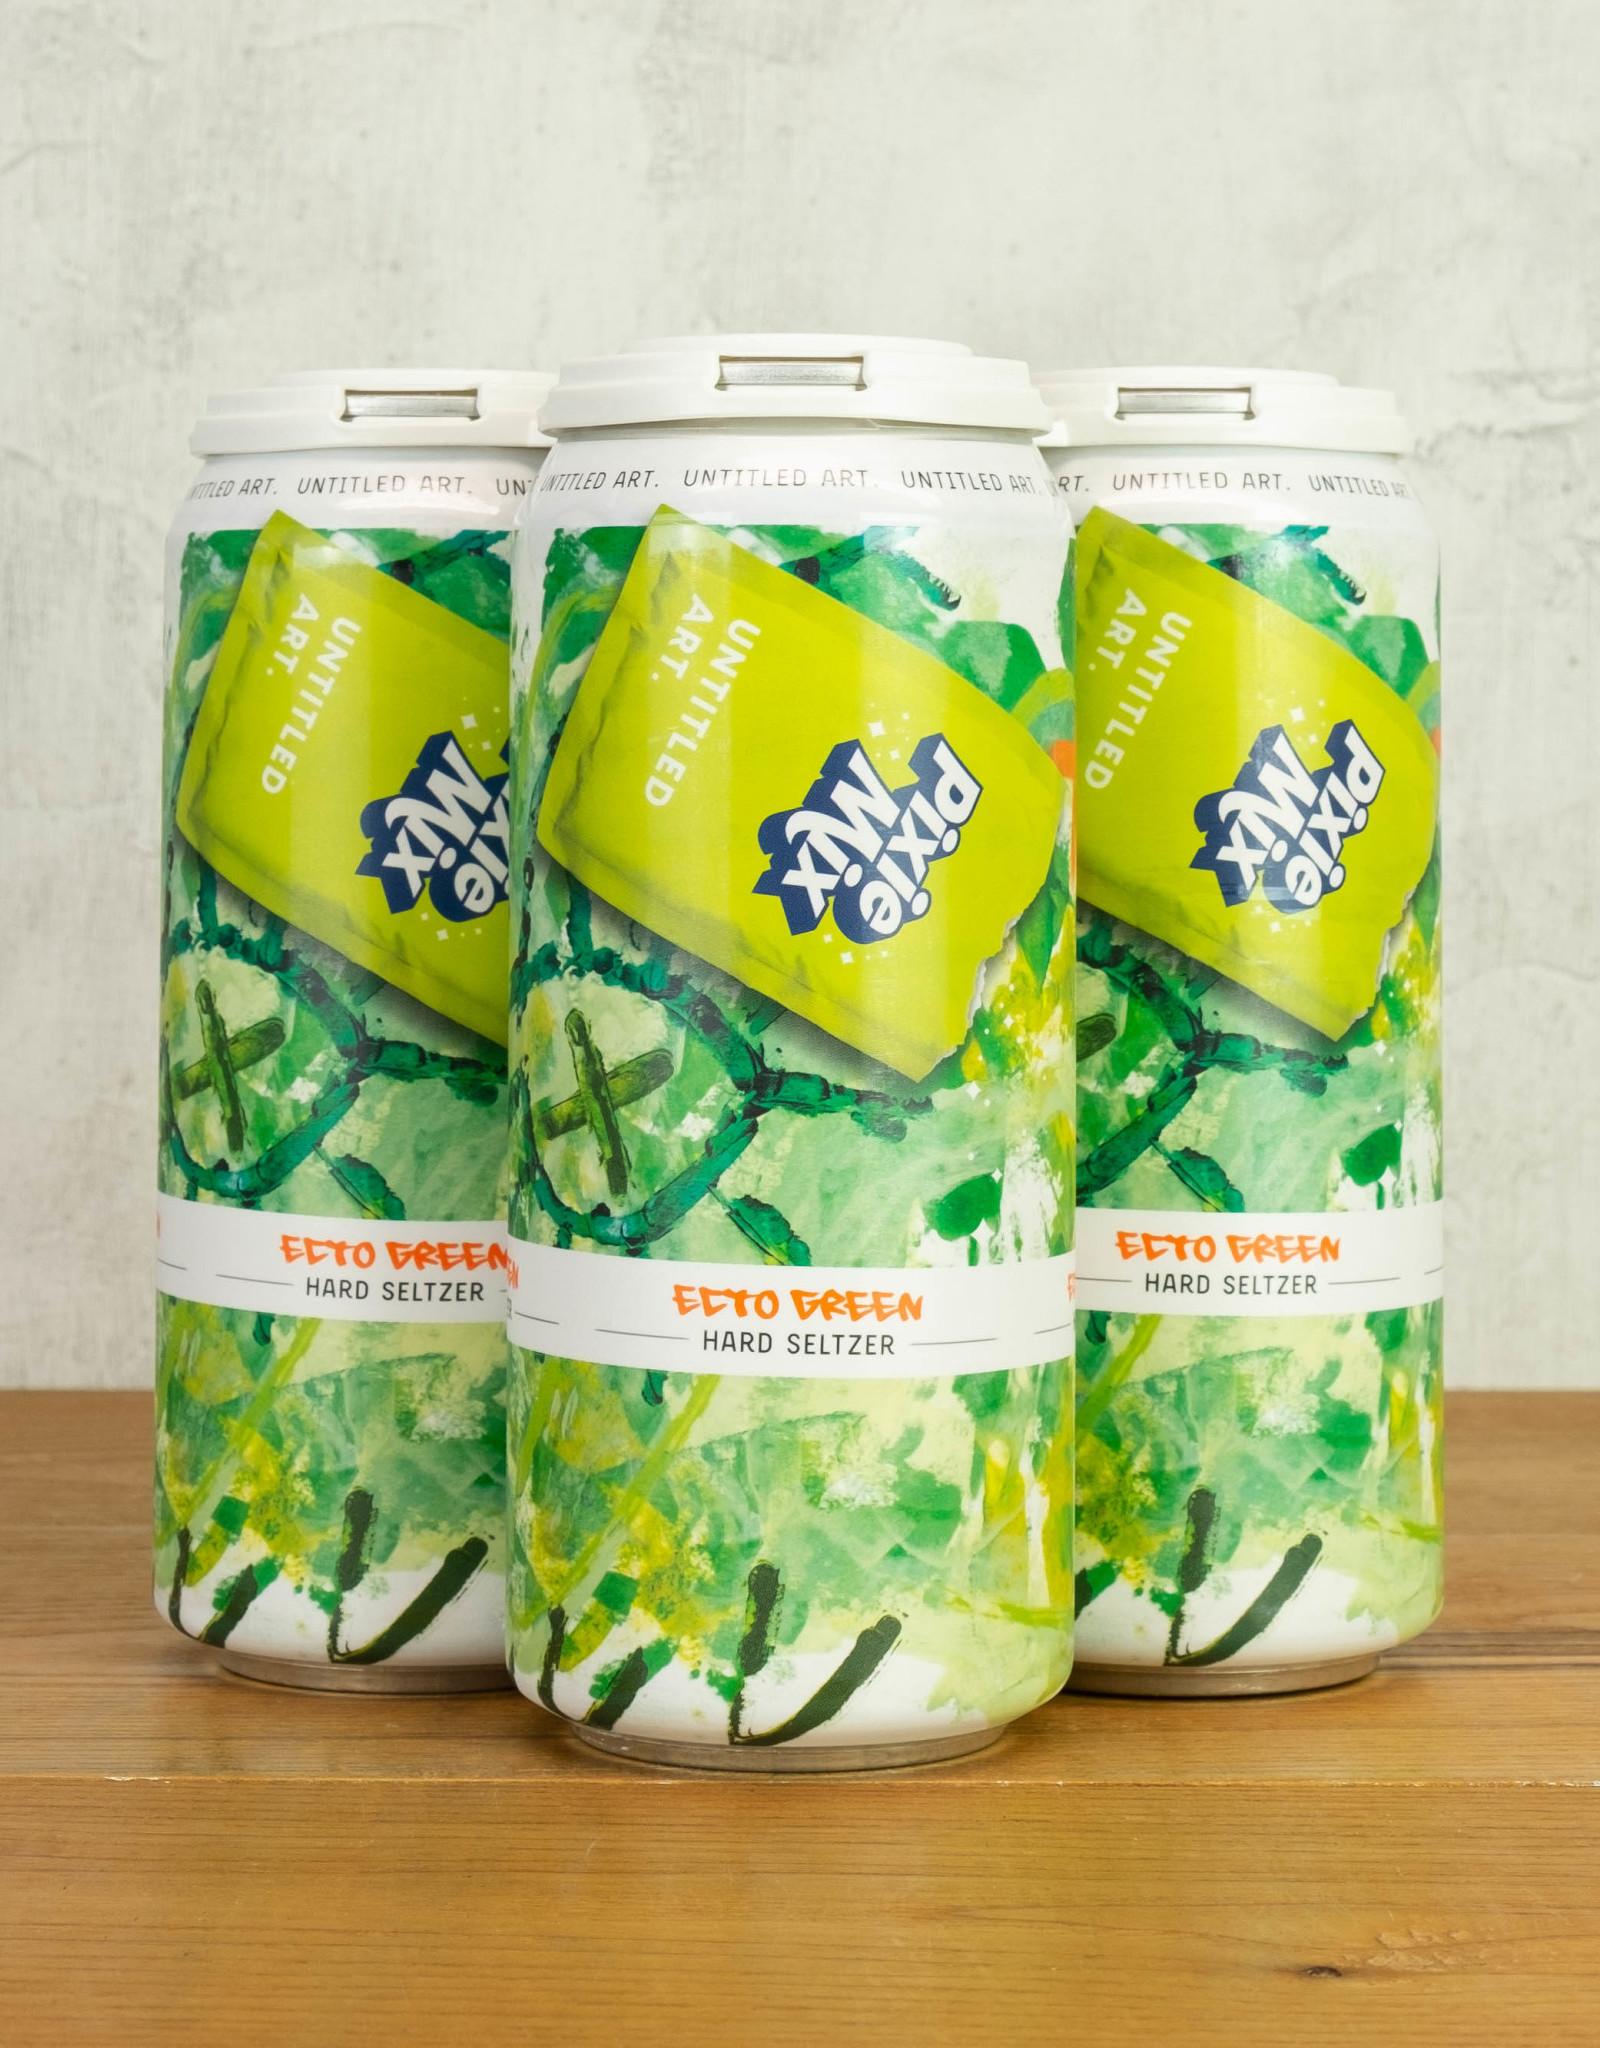 Untitled Art Pixie Mix Ecto Green Hard Seltzer 4pk